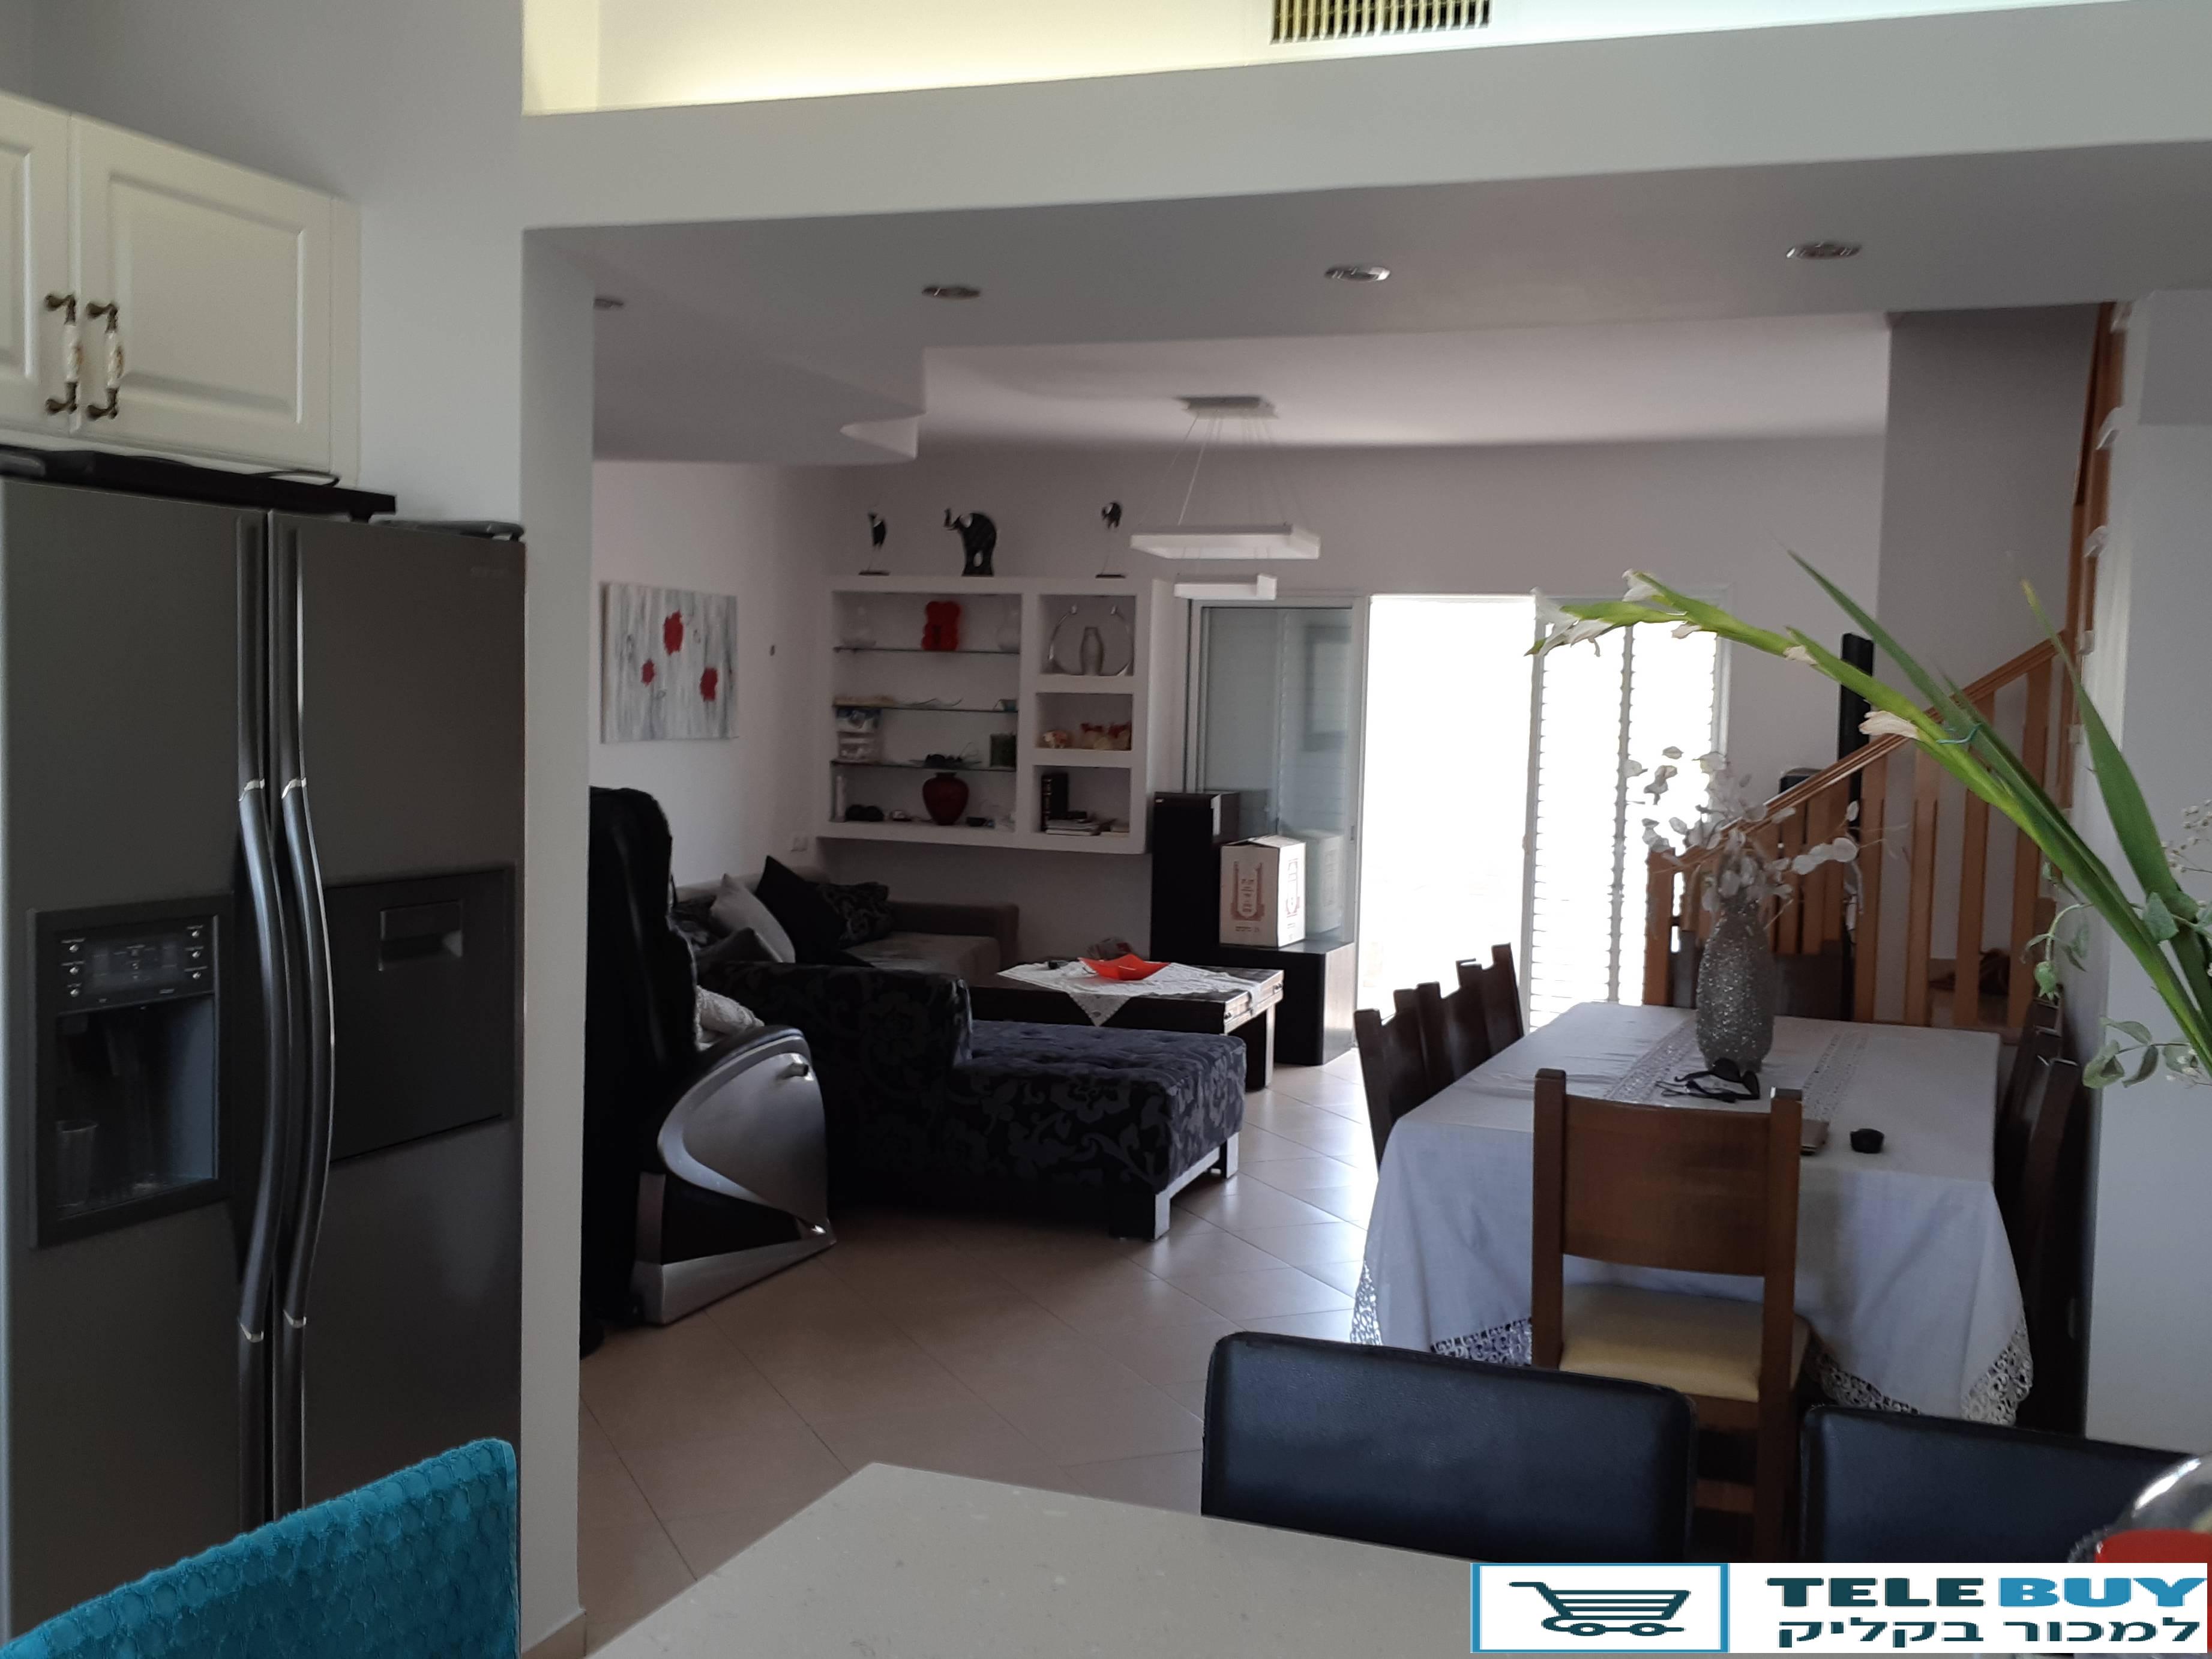 דירות למכירה דירת גג בגדרה יבנה והסביבה